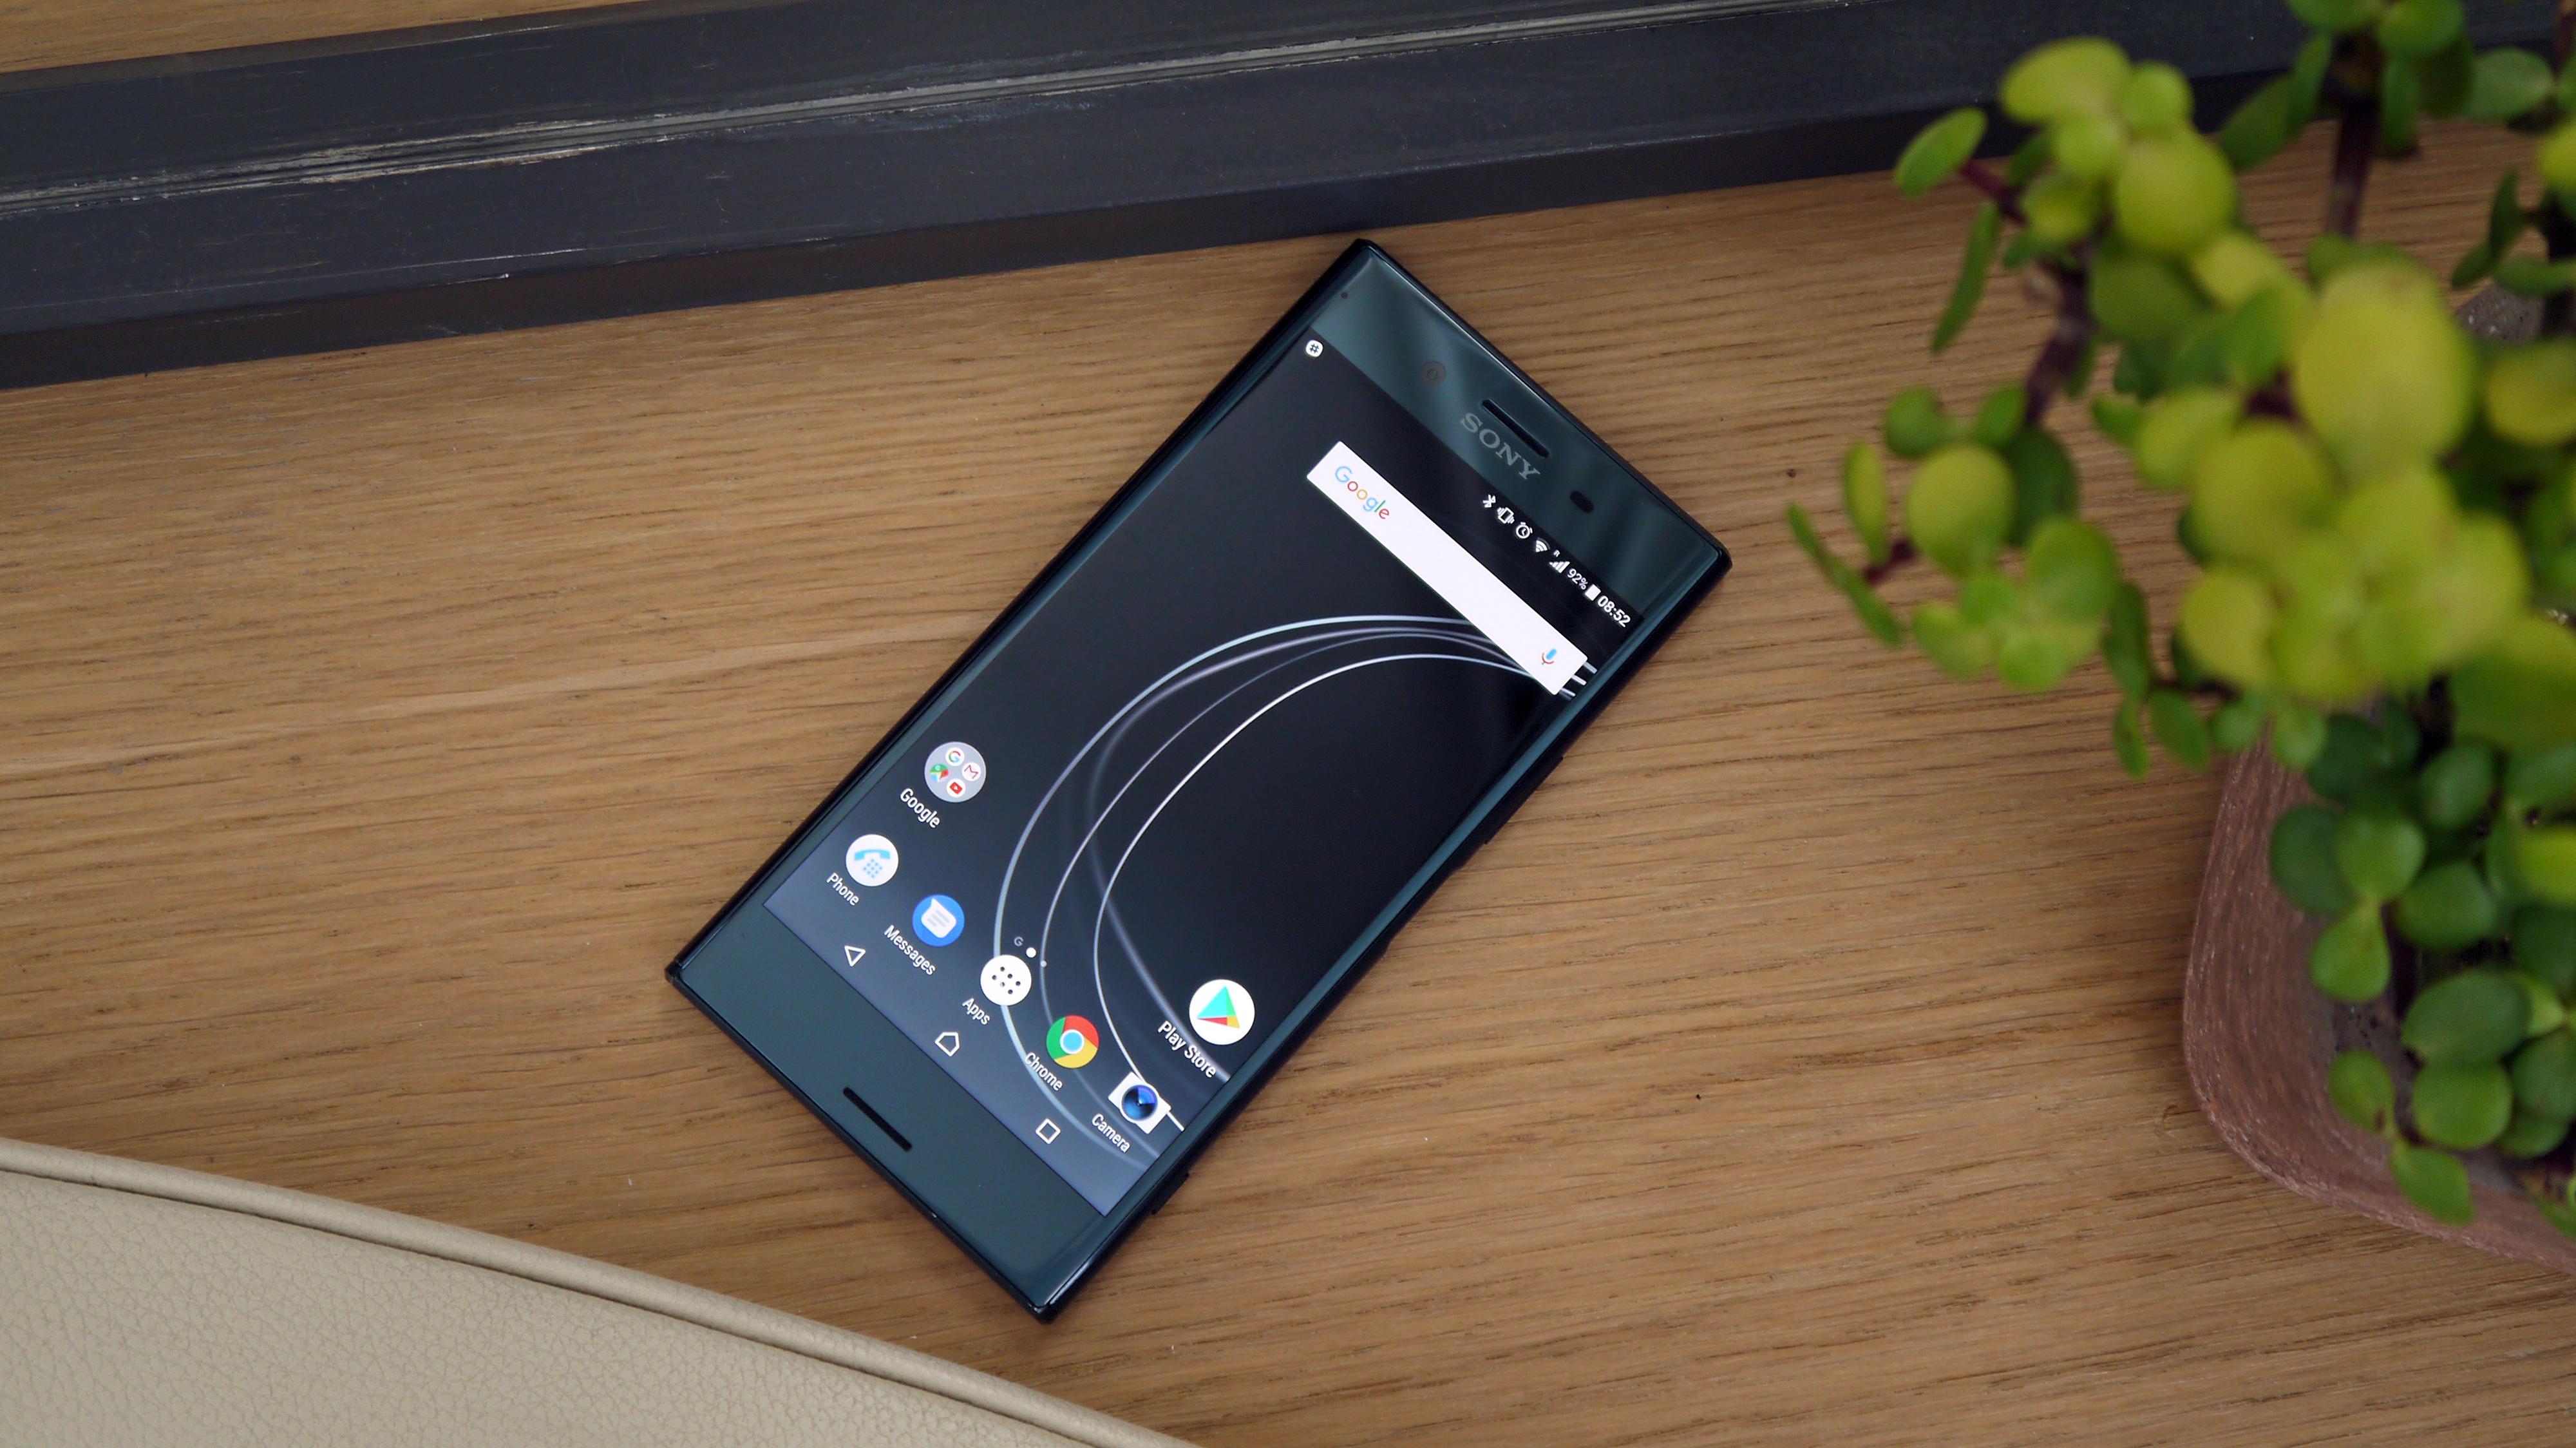 Sony Xperia XZ Premium review | TechRadar